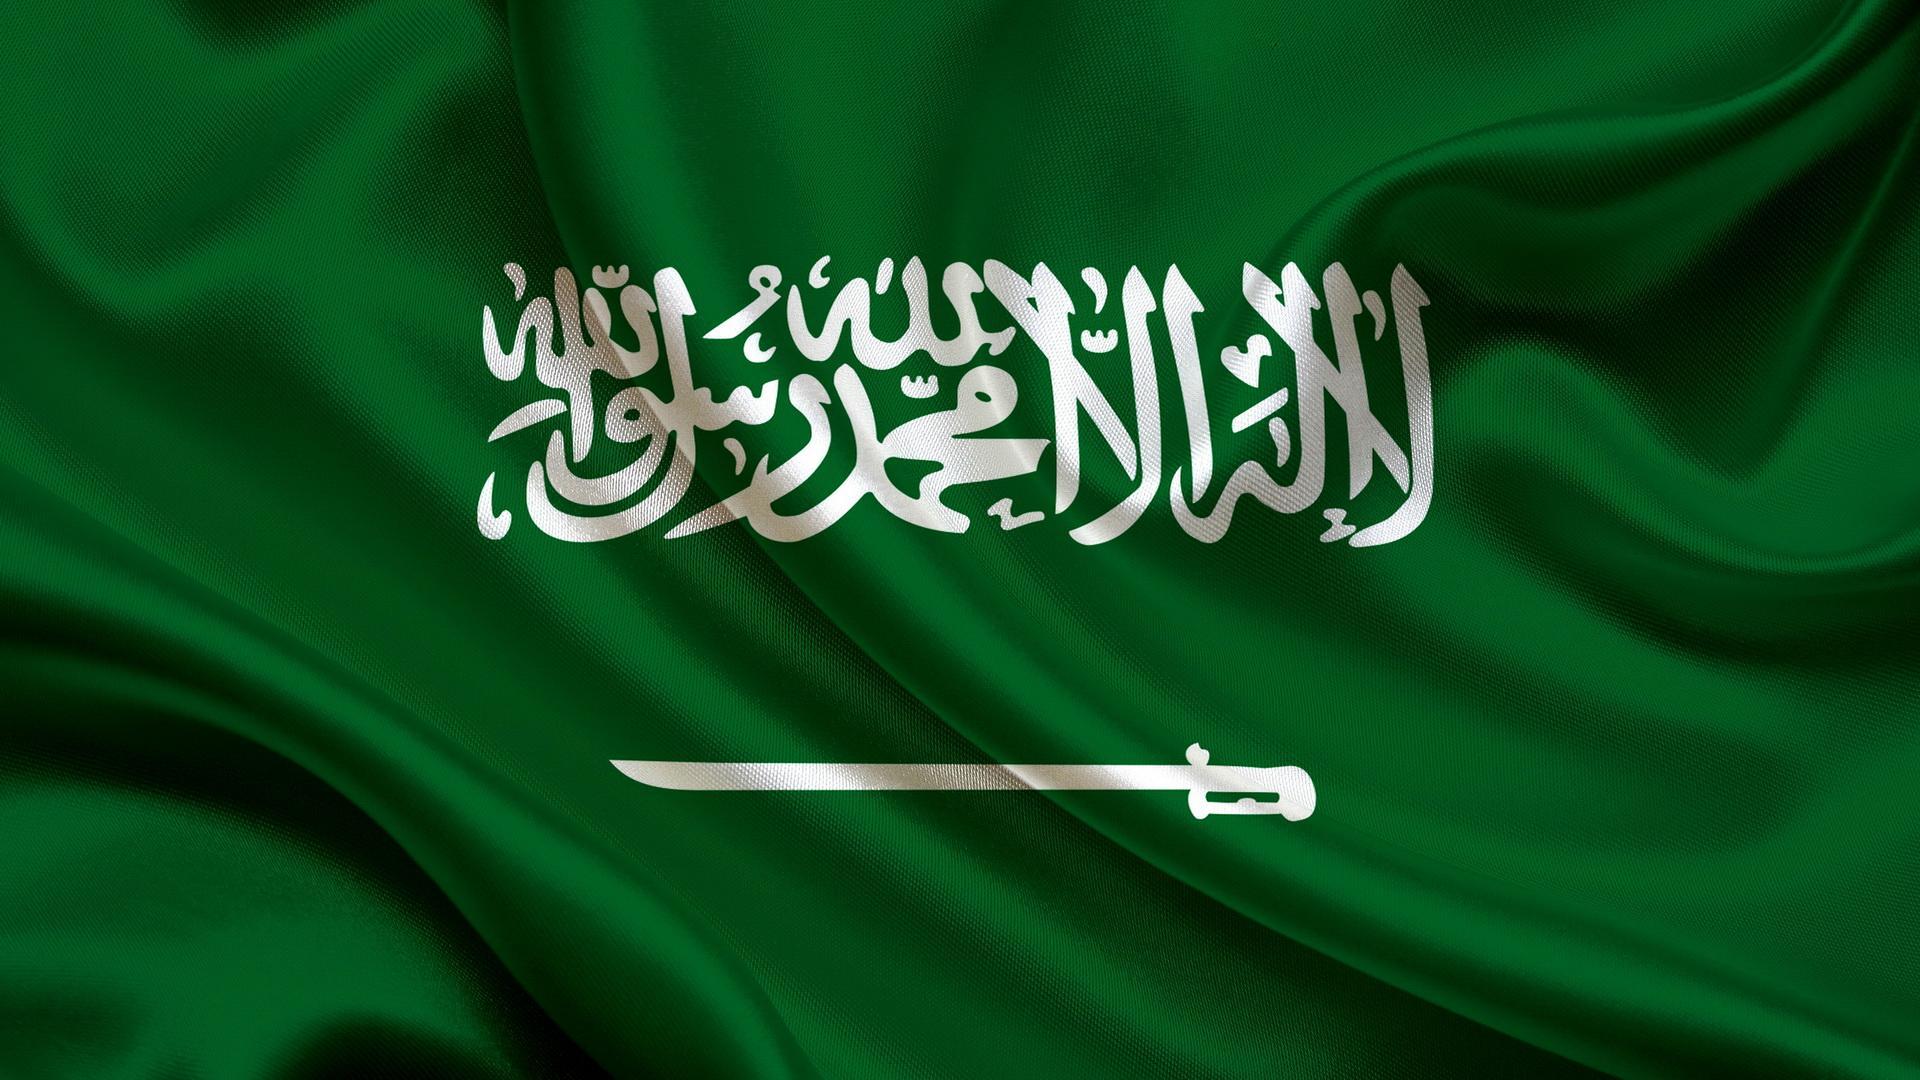 بالصور صورة العلم السعودي خلفيات اعلام السعودية 5d2948f9b85d01afad9a666bddb40095